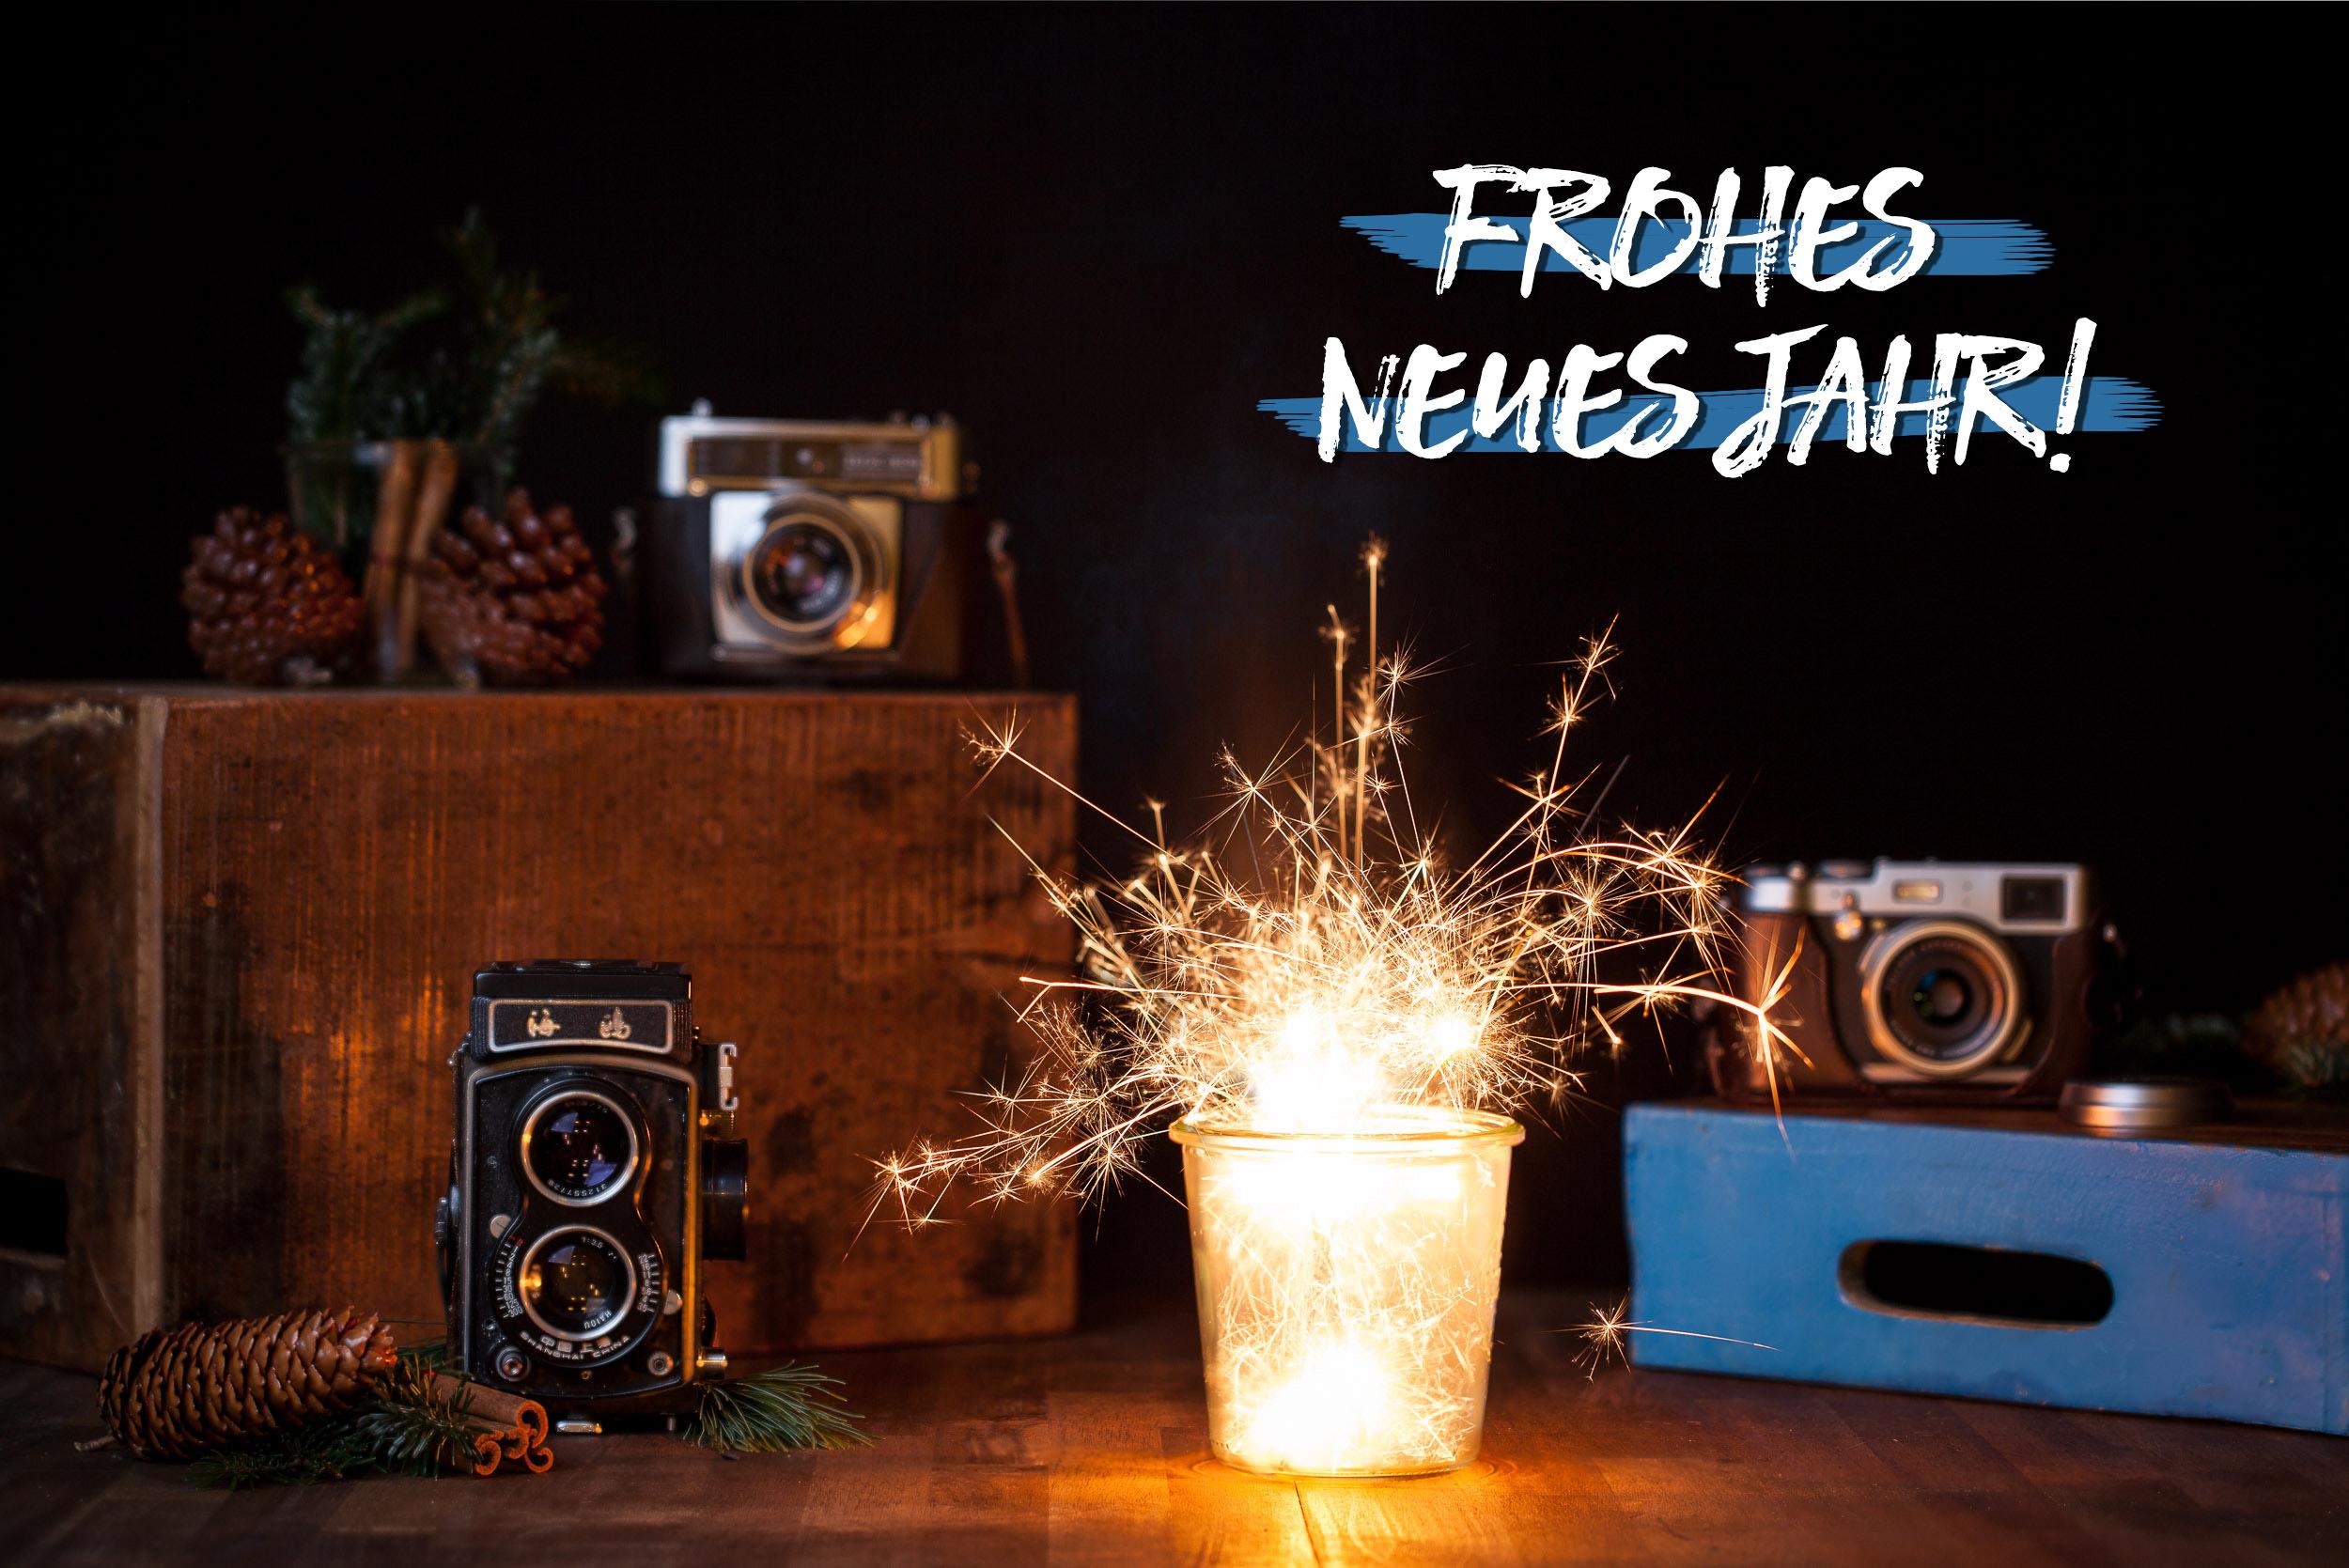 365/365 Finally - HAPPY NEW YEAR!